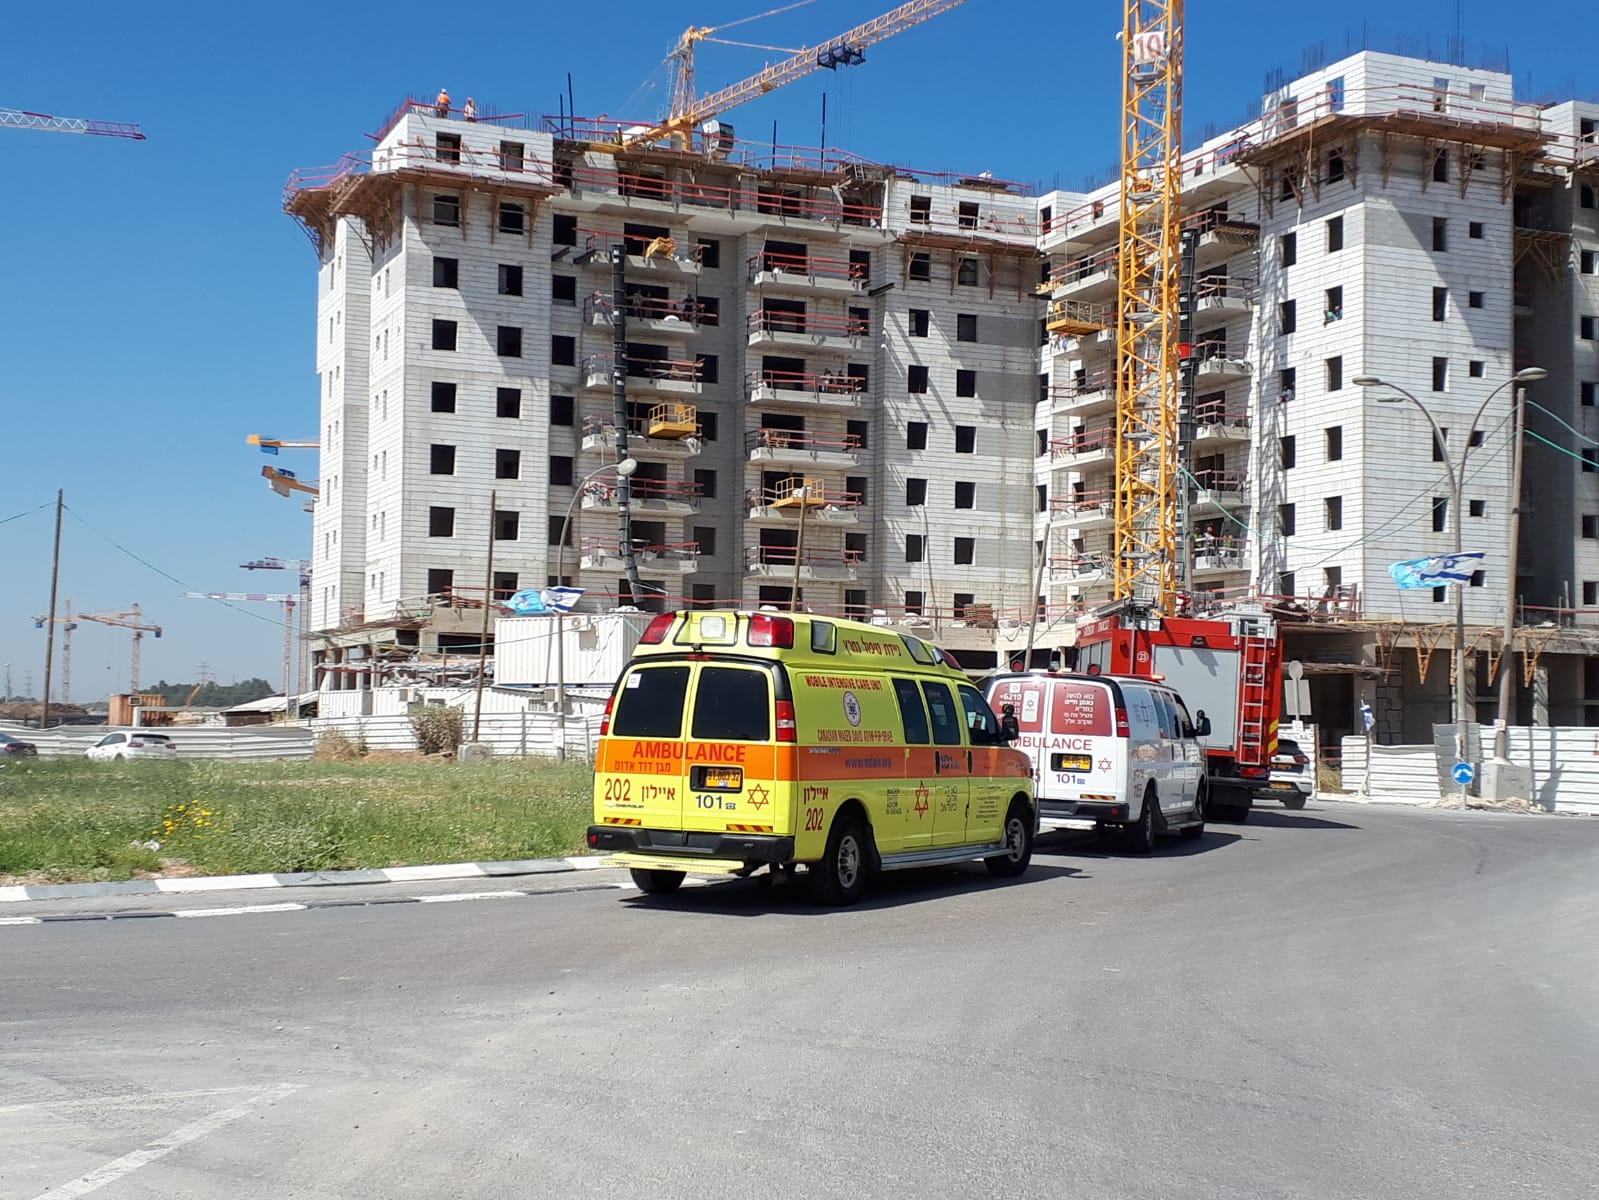 """Photo of ראשוני: טרגדיה באתר בנייה ברחוב הבילויים בר""""ג. פועל בן 40 נפל מגובה אל מותו"""